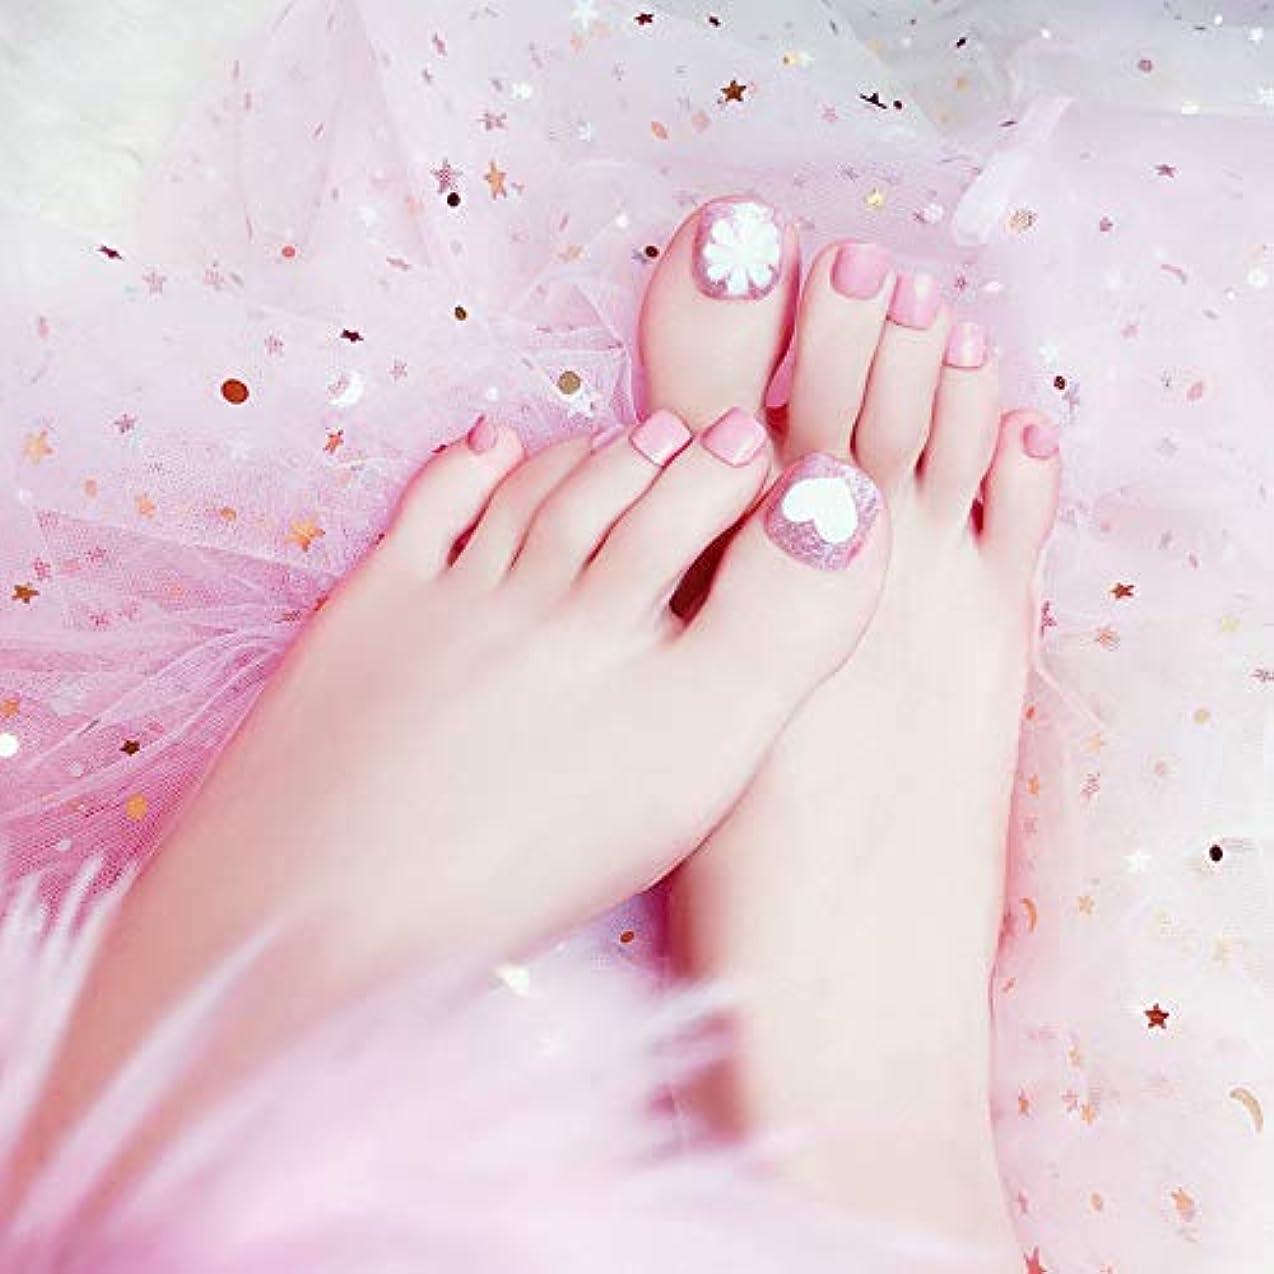 輪郭剥ぎ取る成功するXUTXZKA ハート柄ピンクネイルアートホワイト付き24pcsフルカバー人工爪